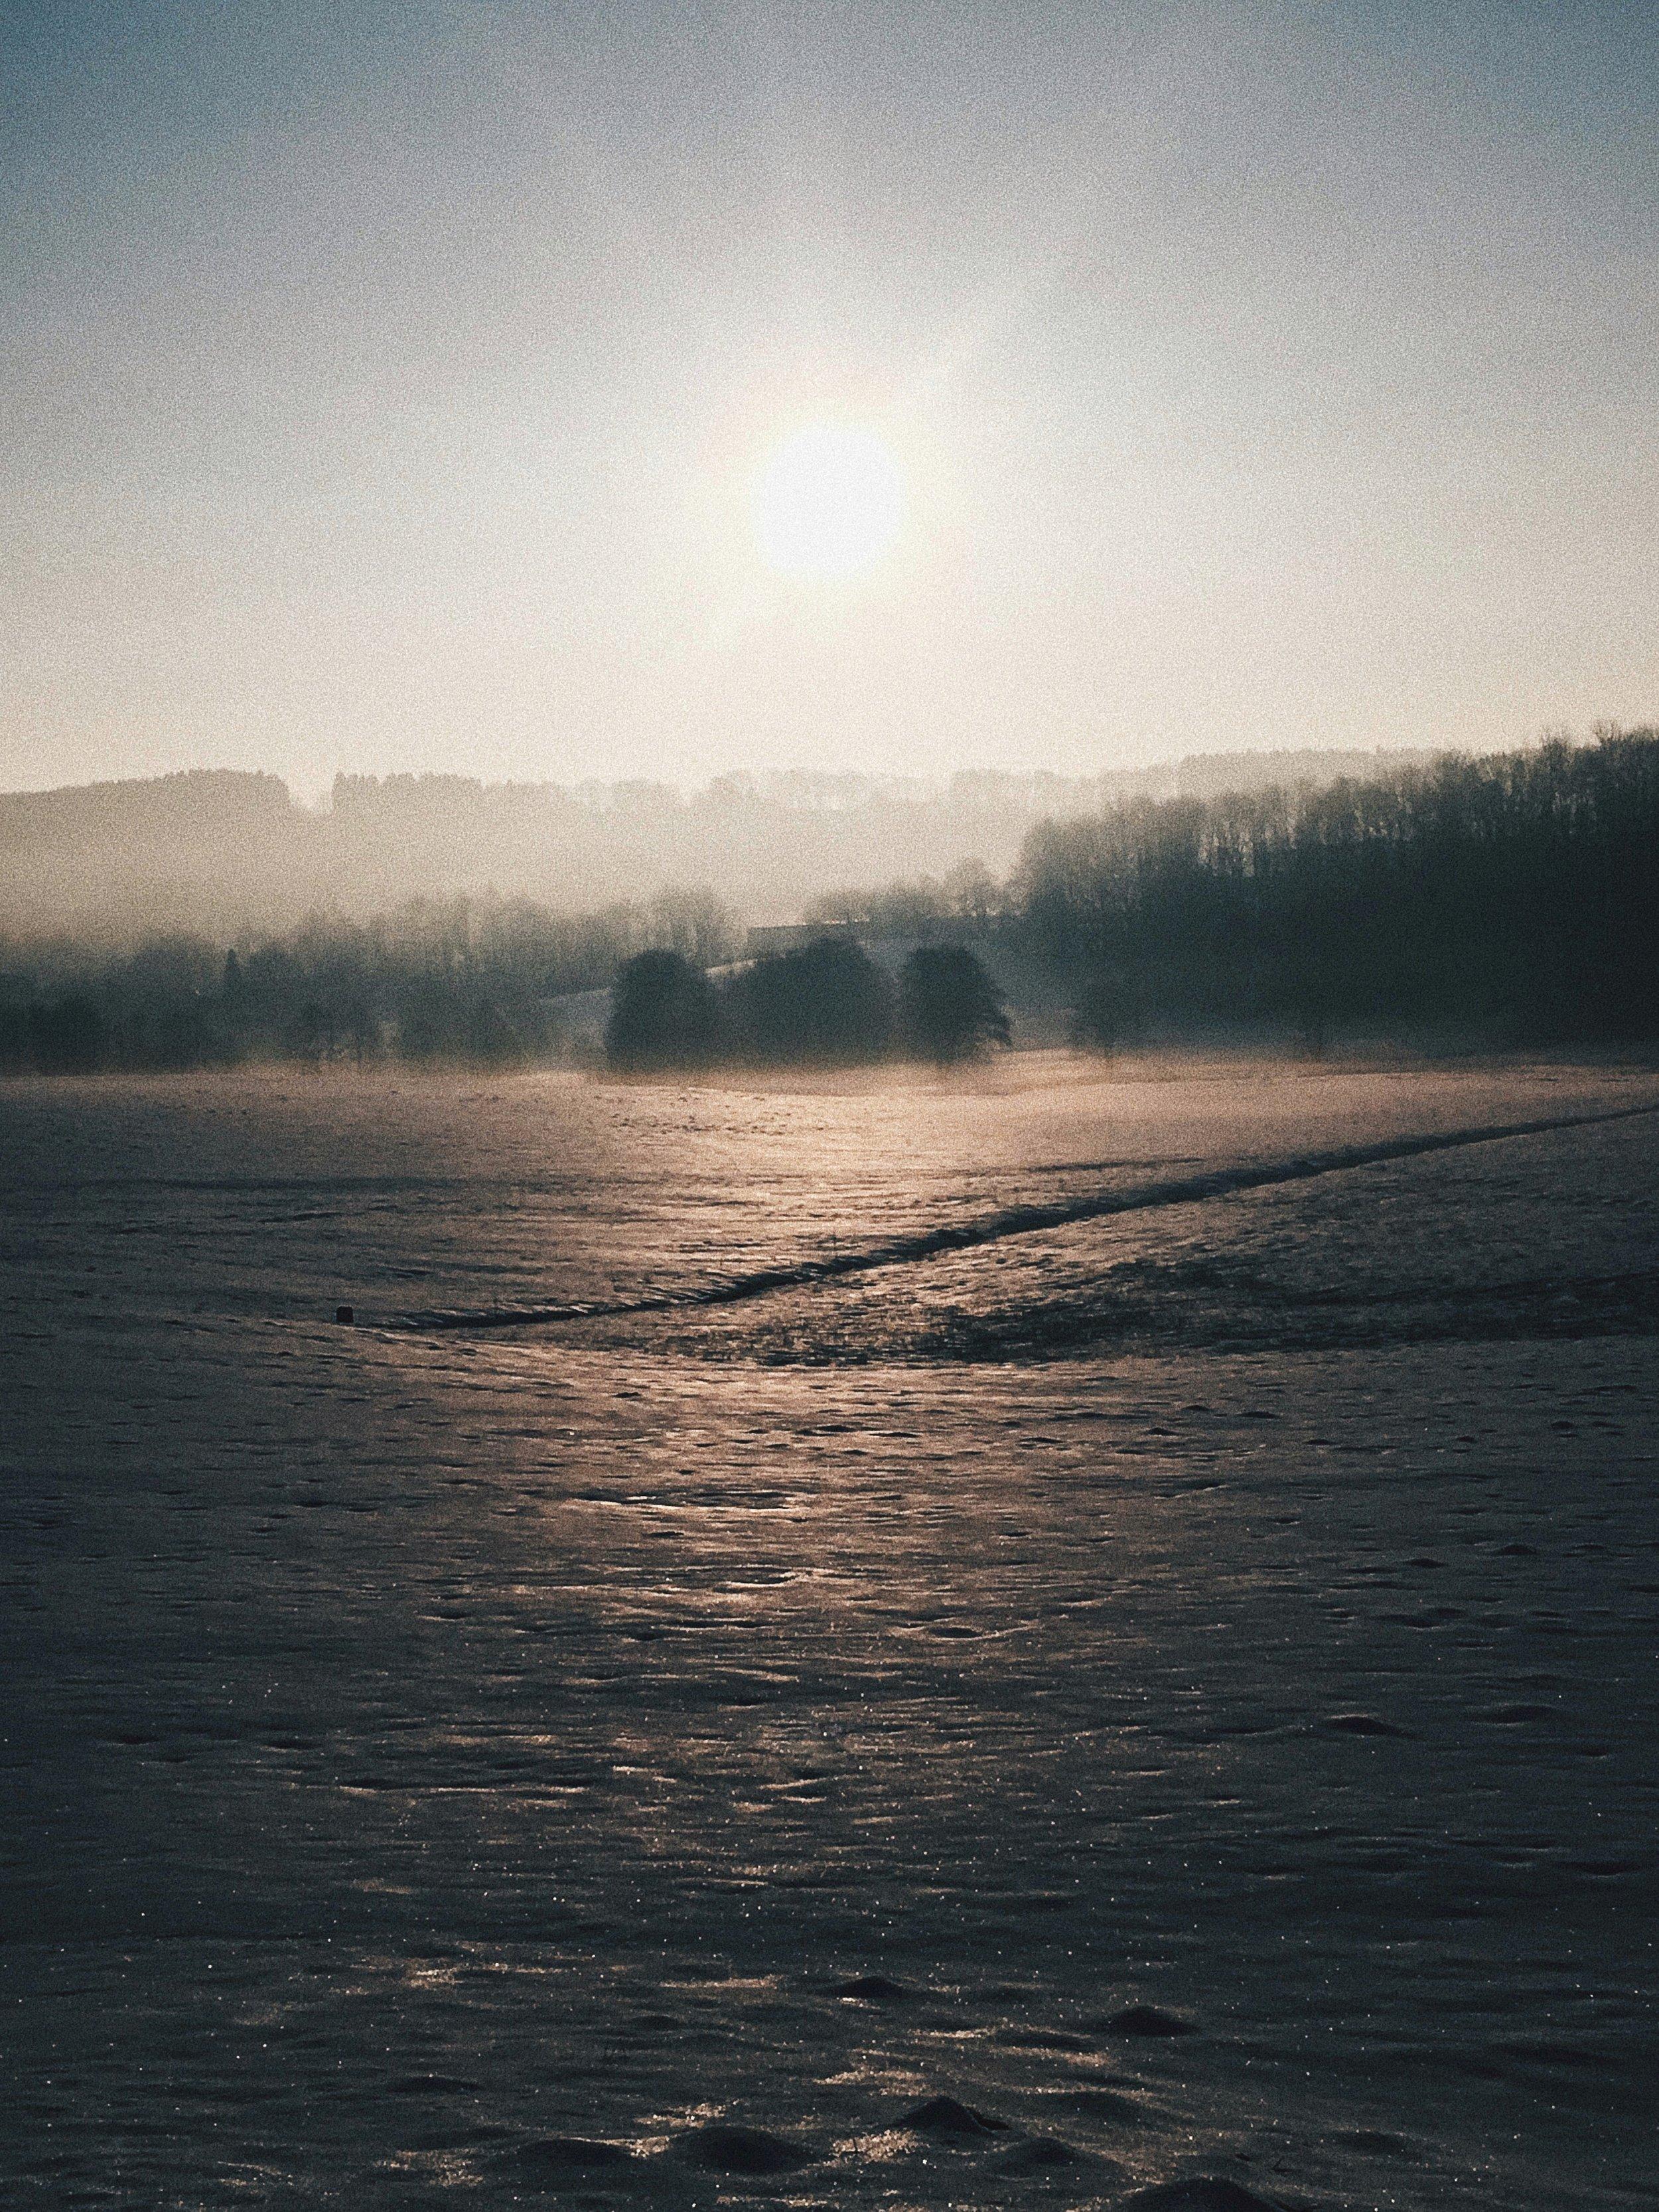 vsco-landscape-max-mesch-meinerzhagen.jpg